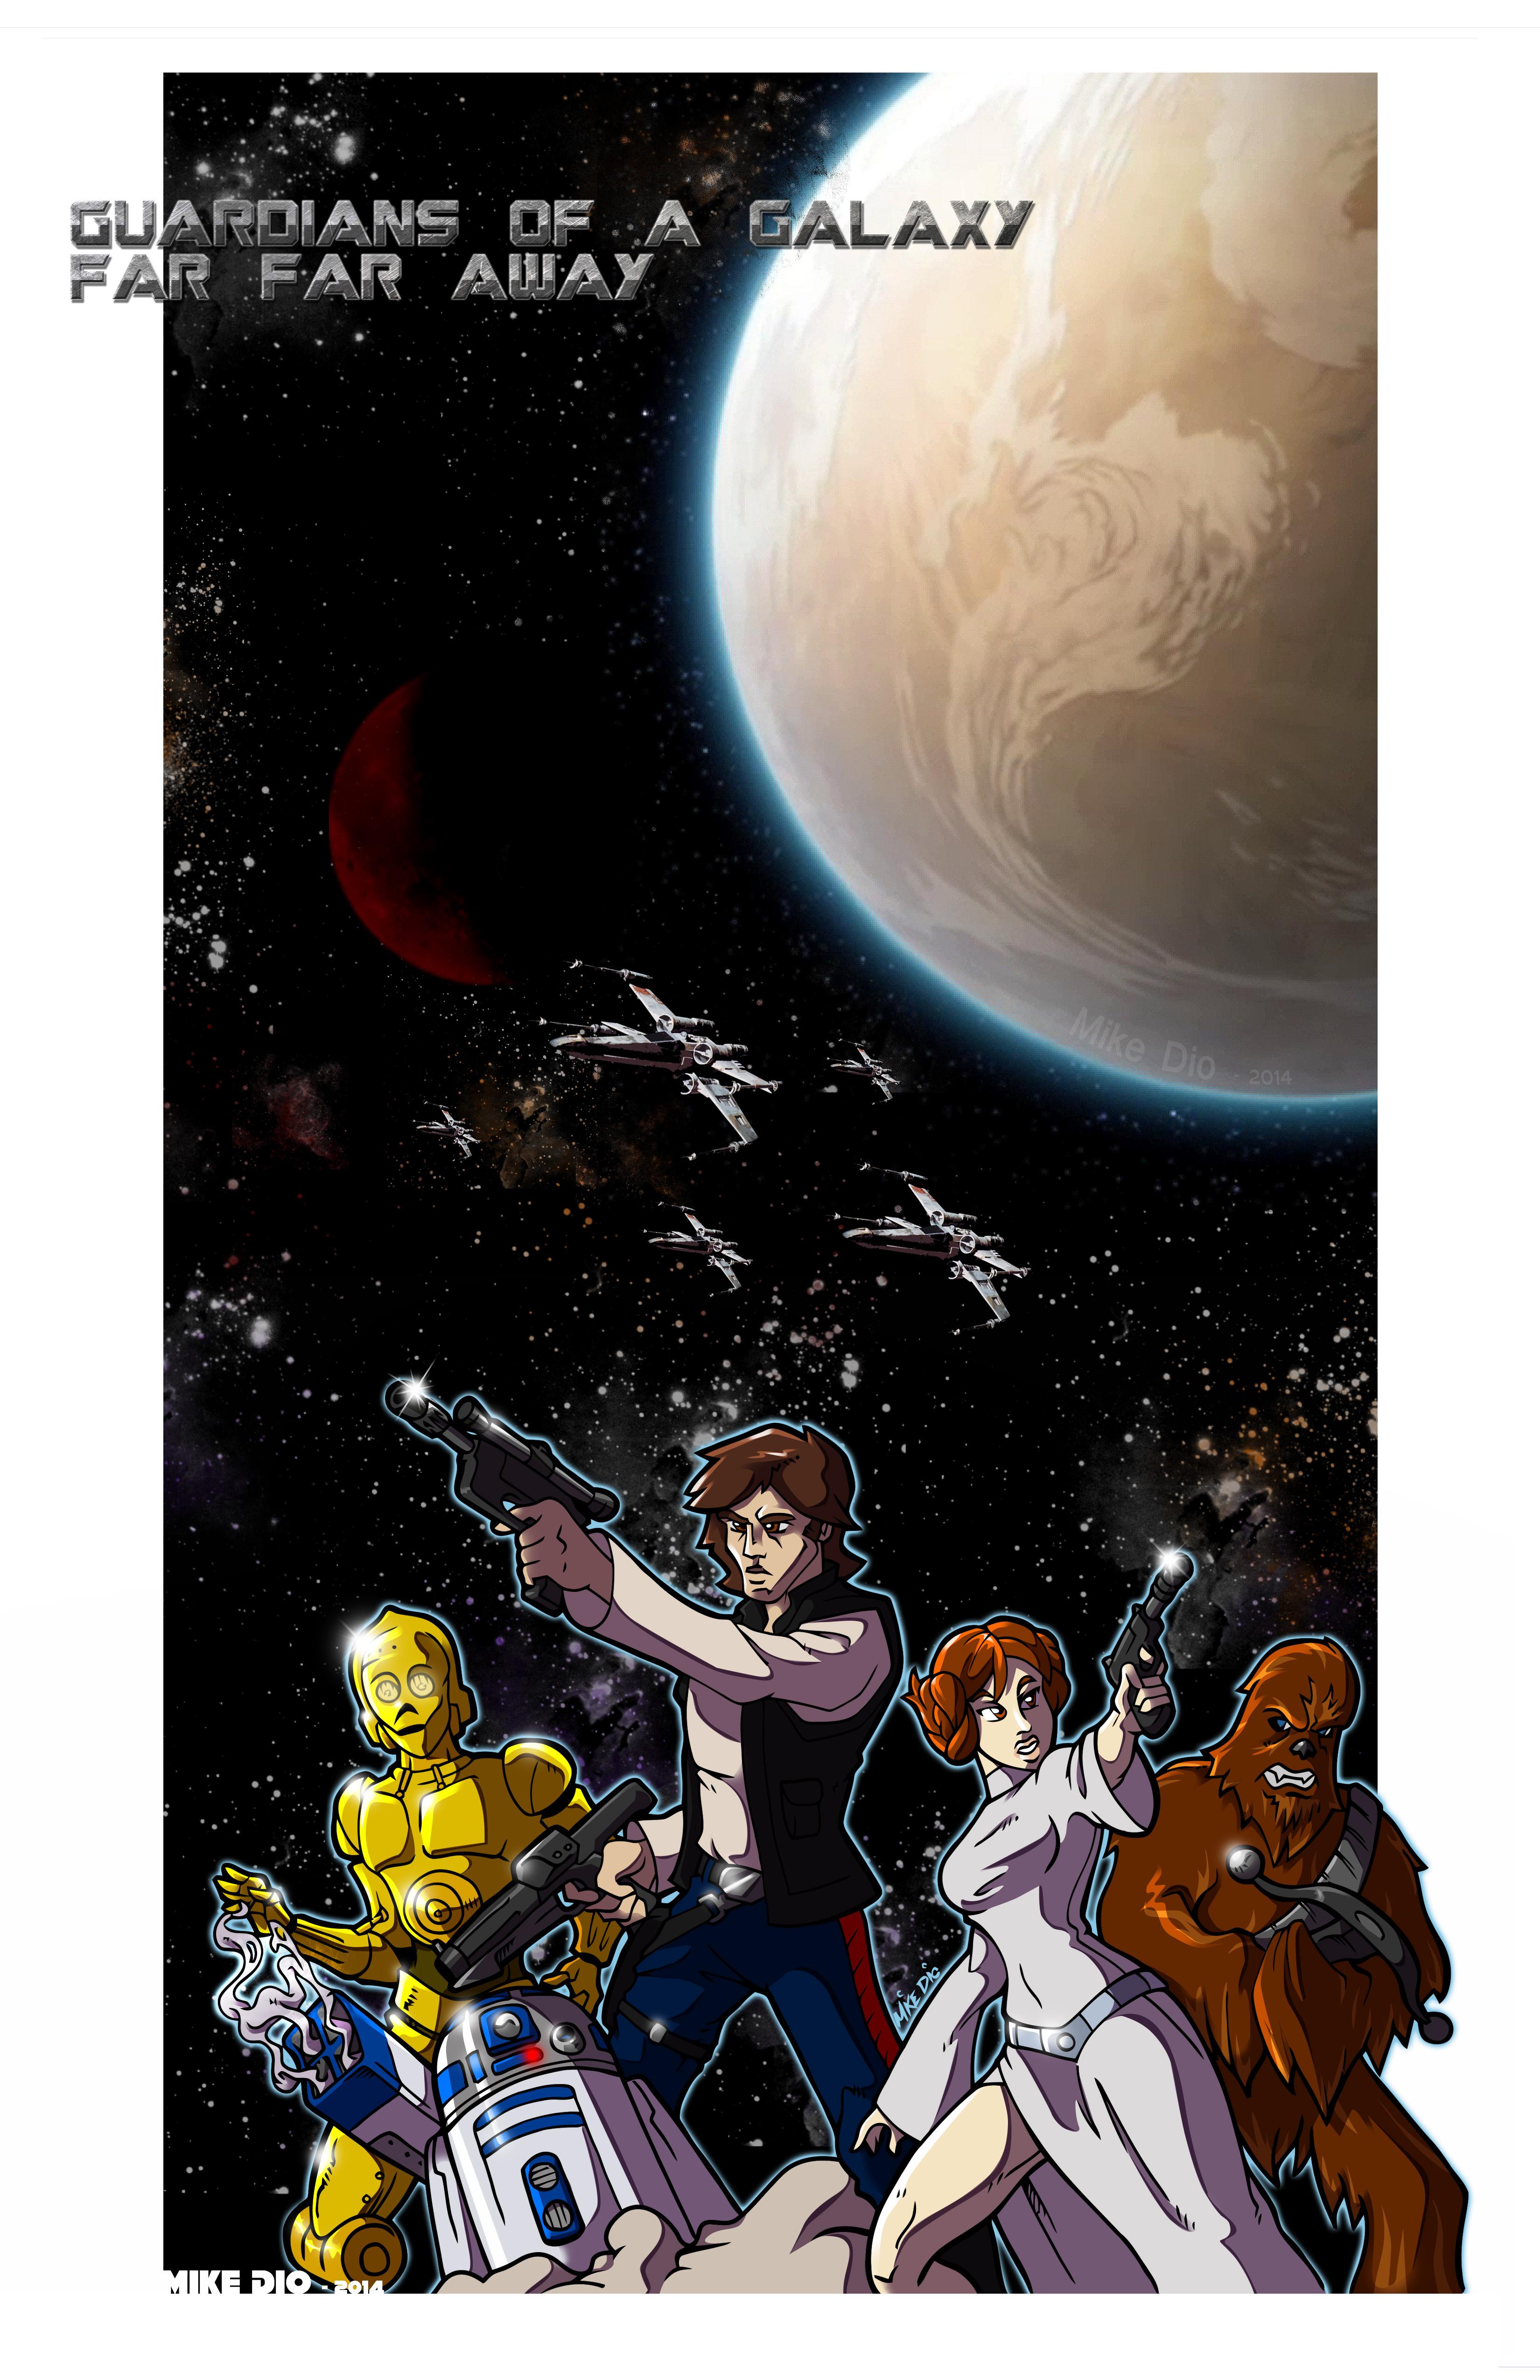 Guardians of a Galaxy Far Far Away